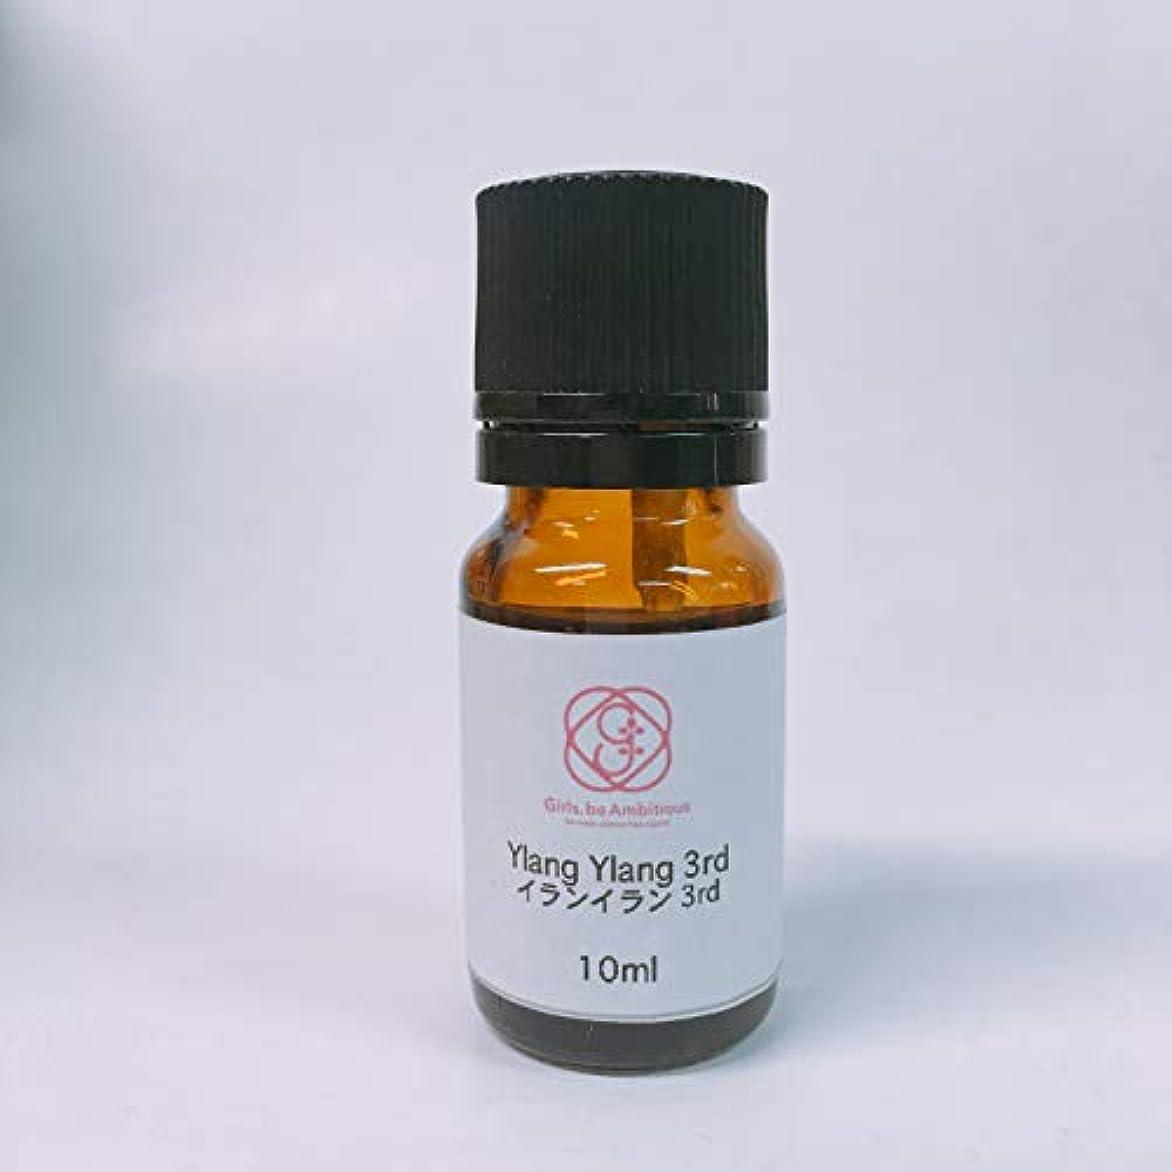 細部篭便益イランイラン(Ylang Ylang)3rd 10ml